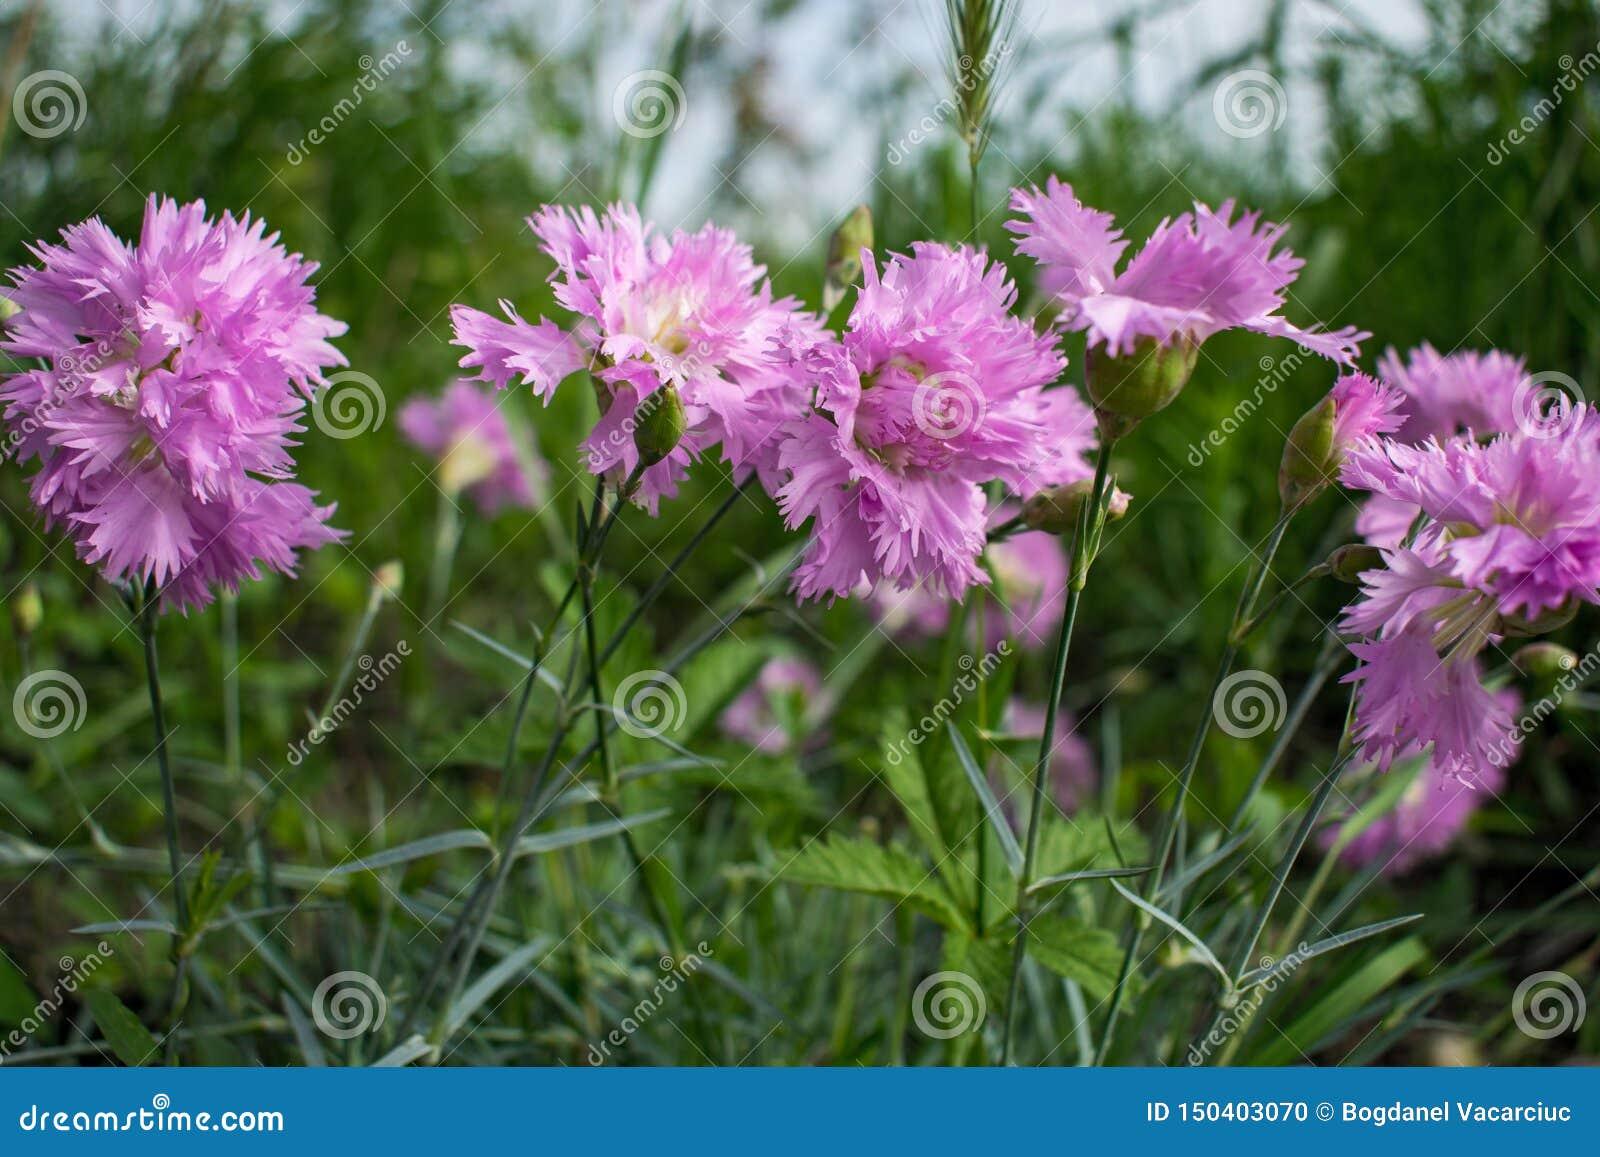 Mooie de lente roze anjers en elegantiebloem